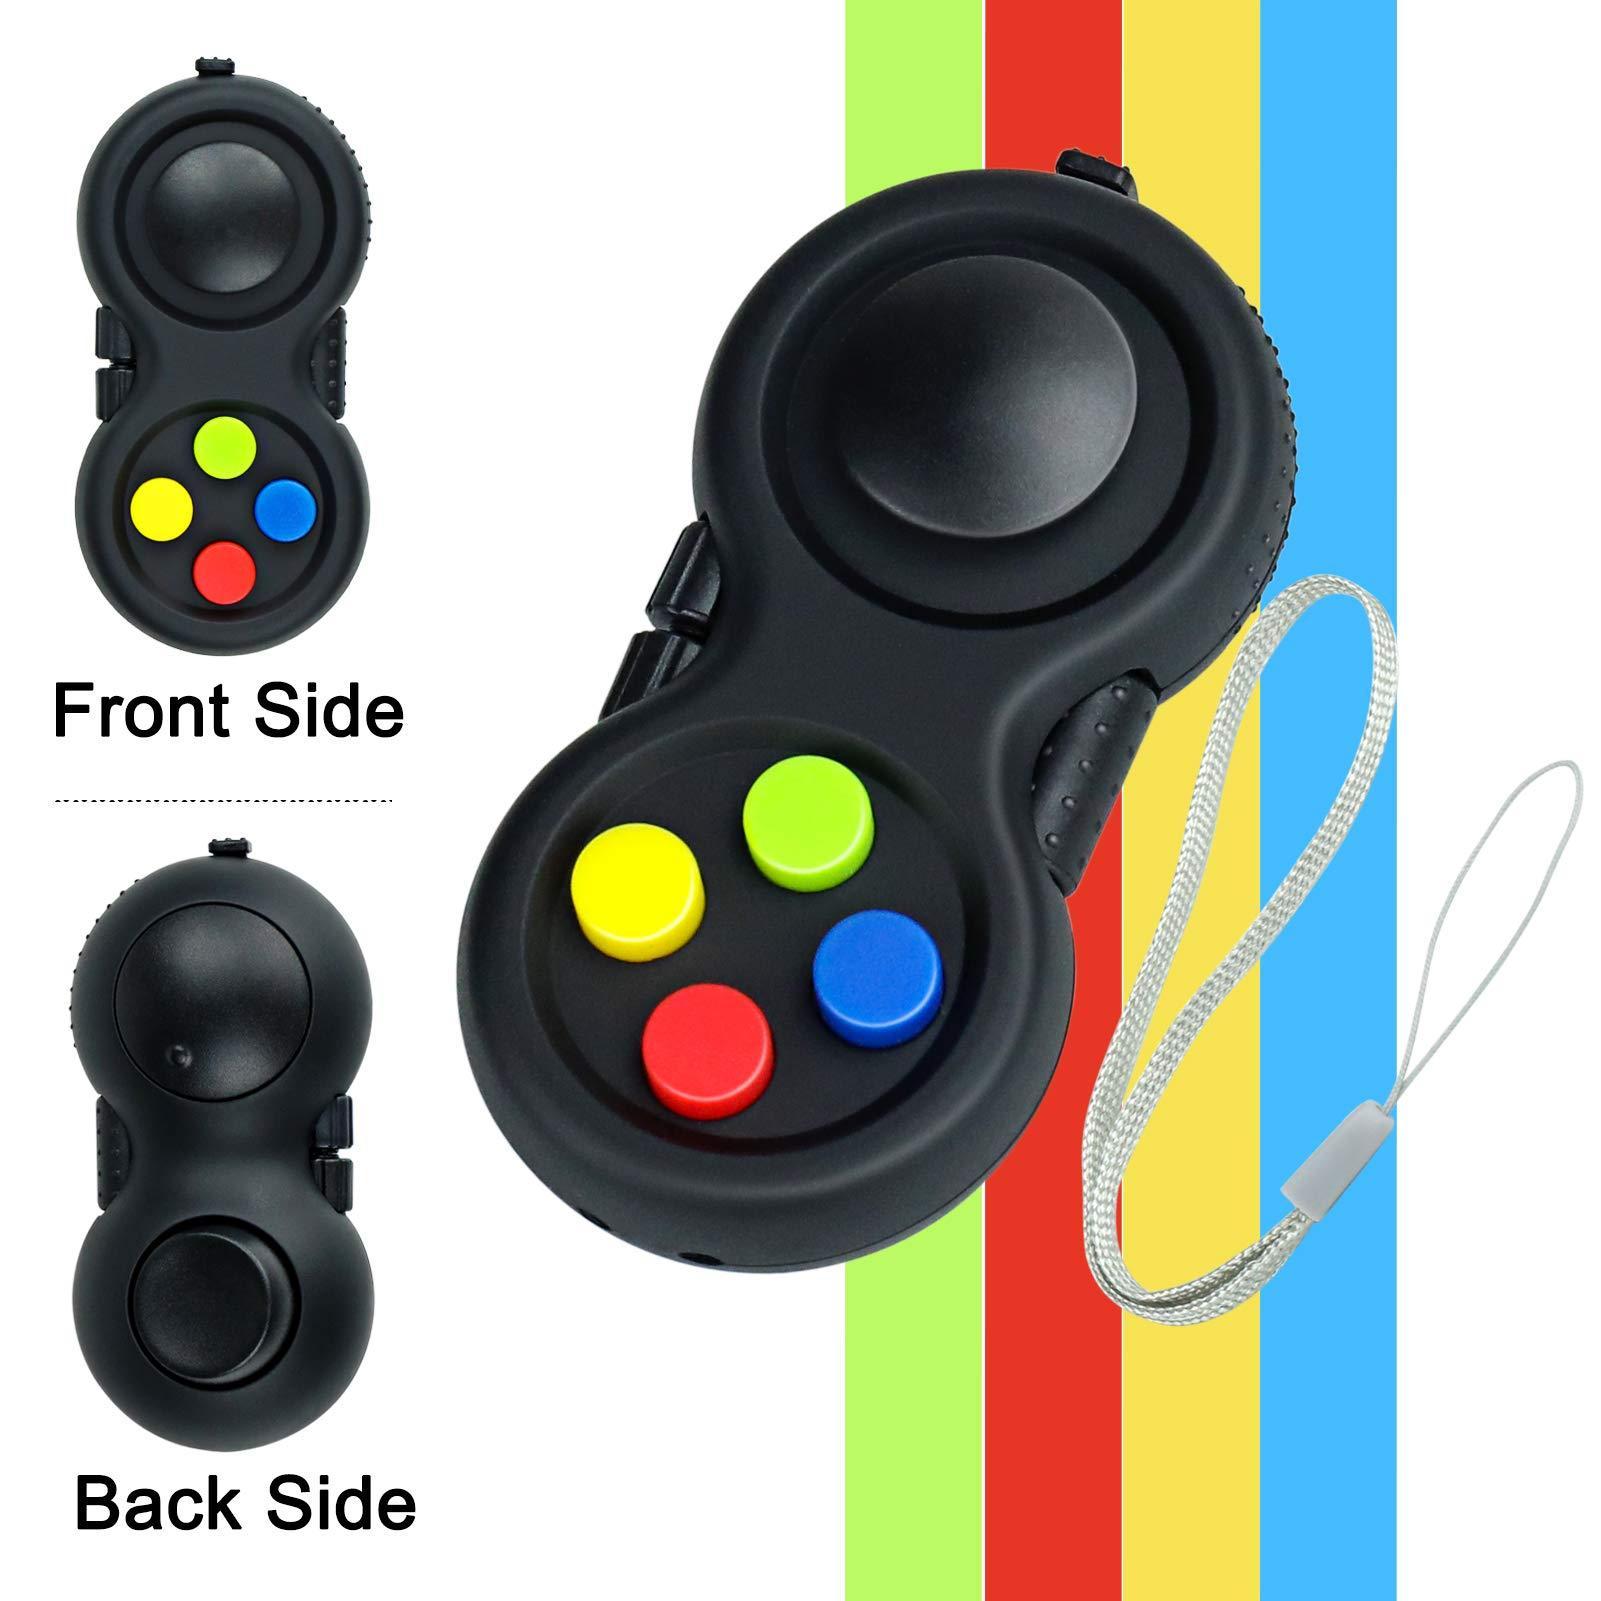 Fidget Pad Brinquedo para Ansiedade e Stress Relief 8 Fidget Características Cube com Botão Silencioso ABS Fidget Fidget Controller Pad Cubo para crianças e um